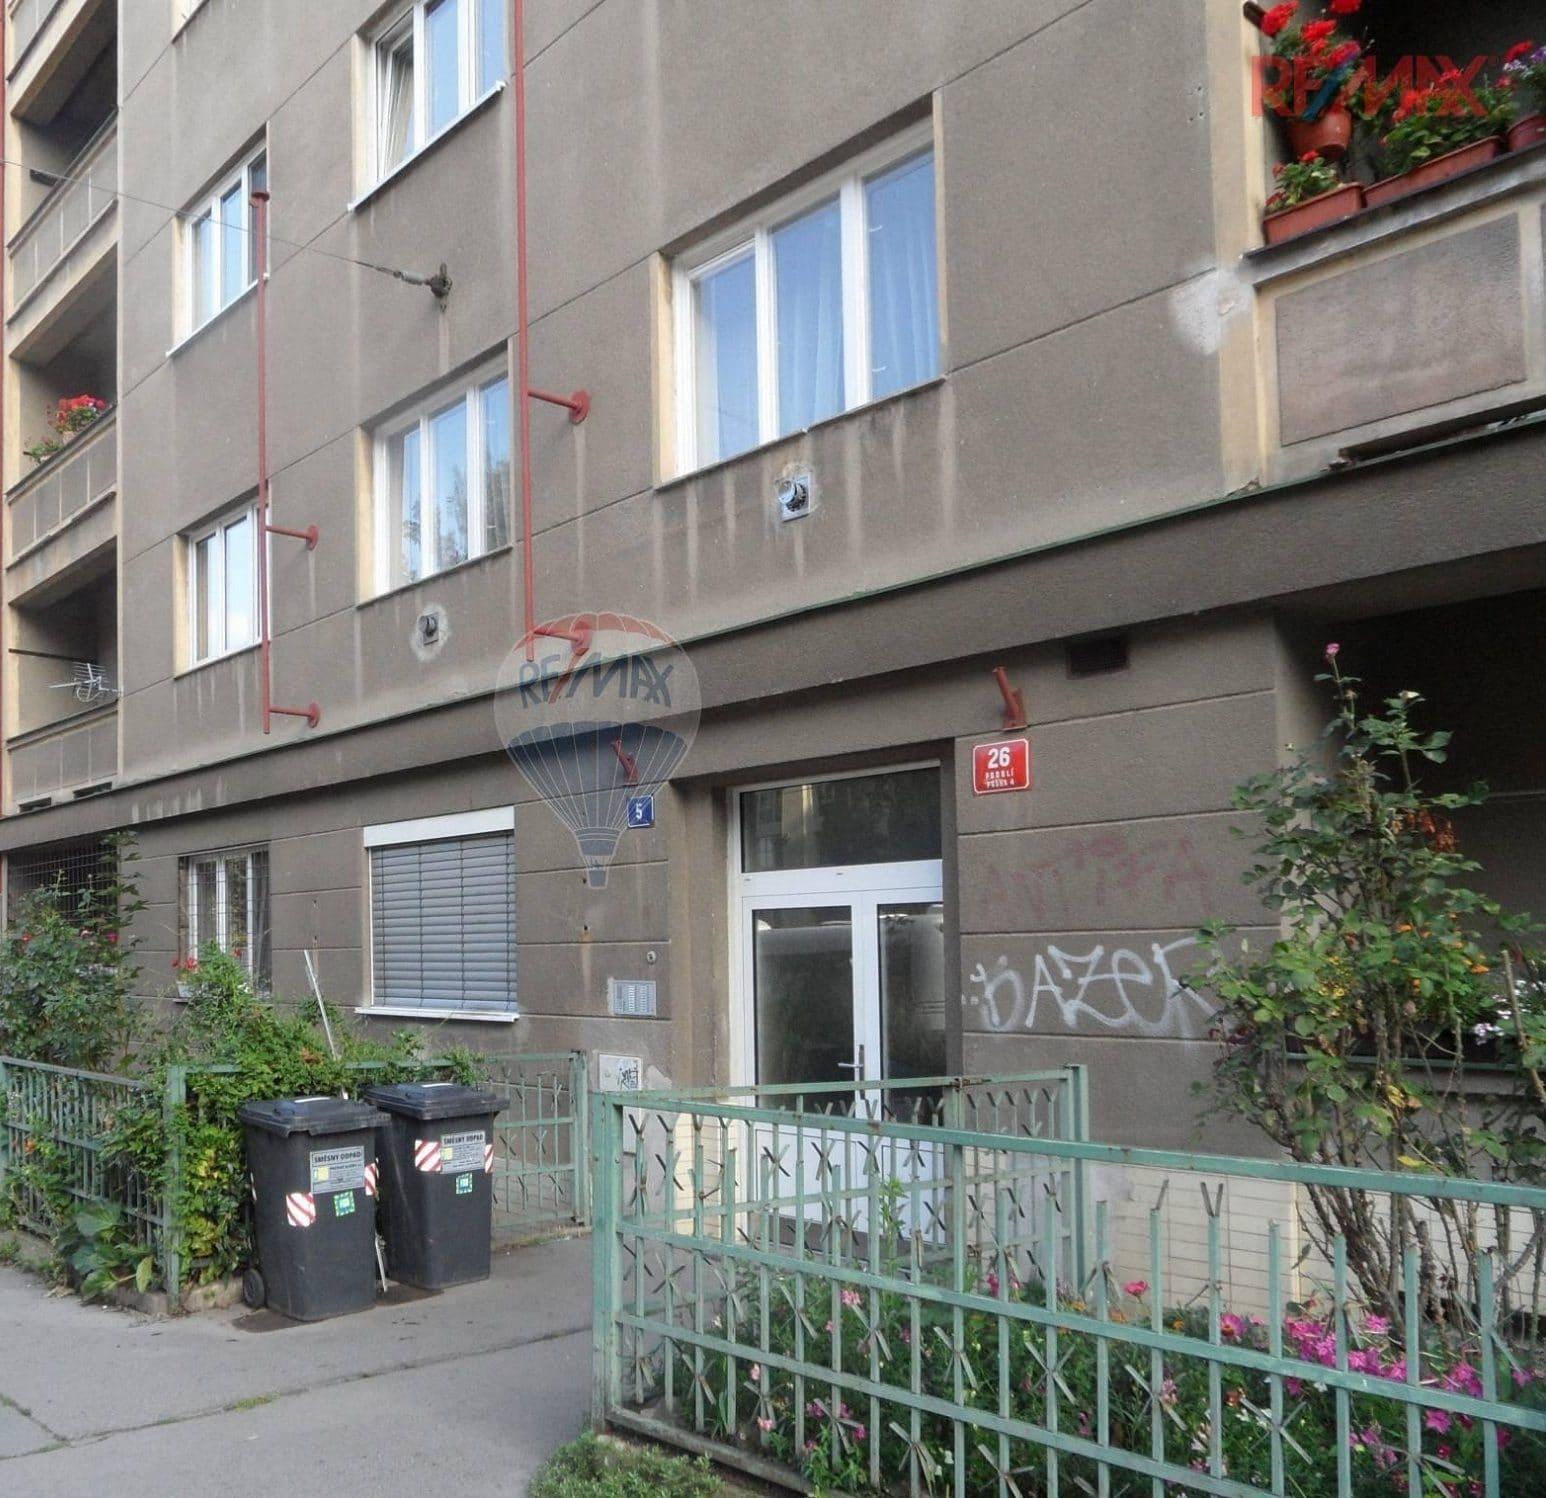 למכירה בפראג 4 דירת 26 מר 1+KK (9)